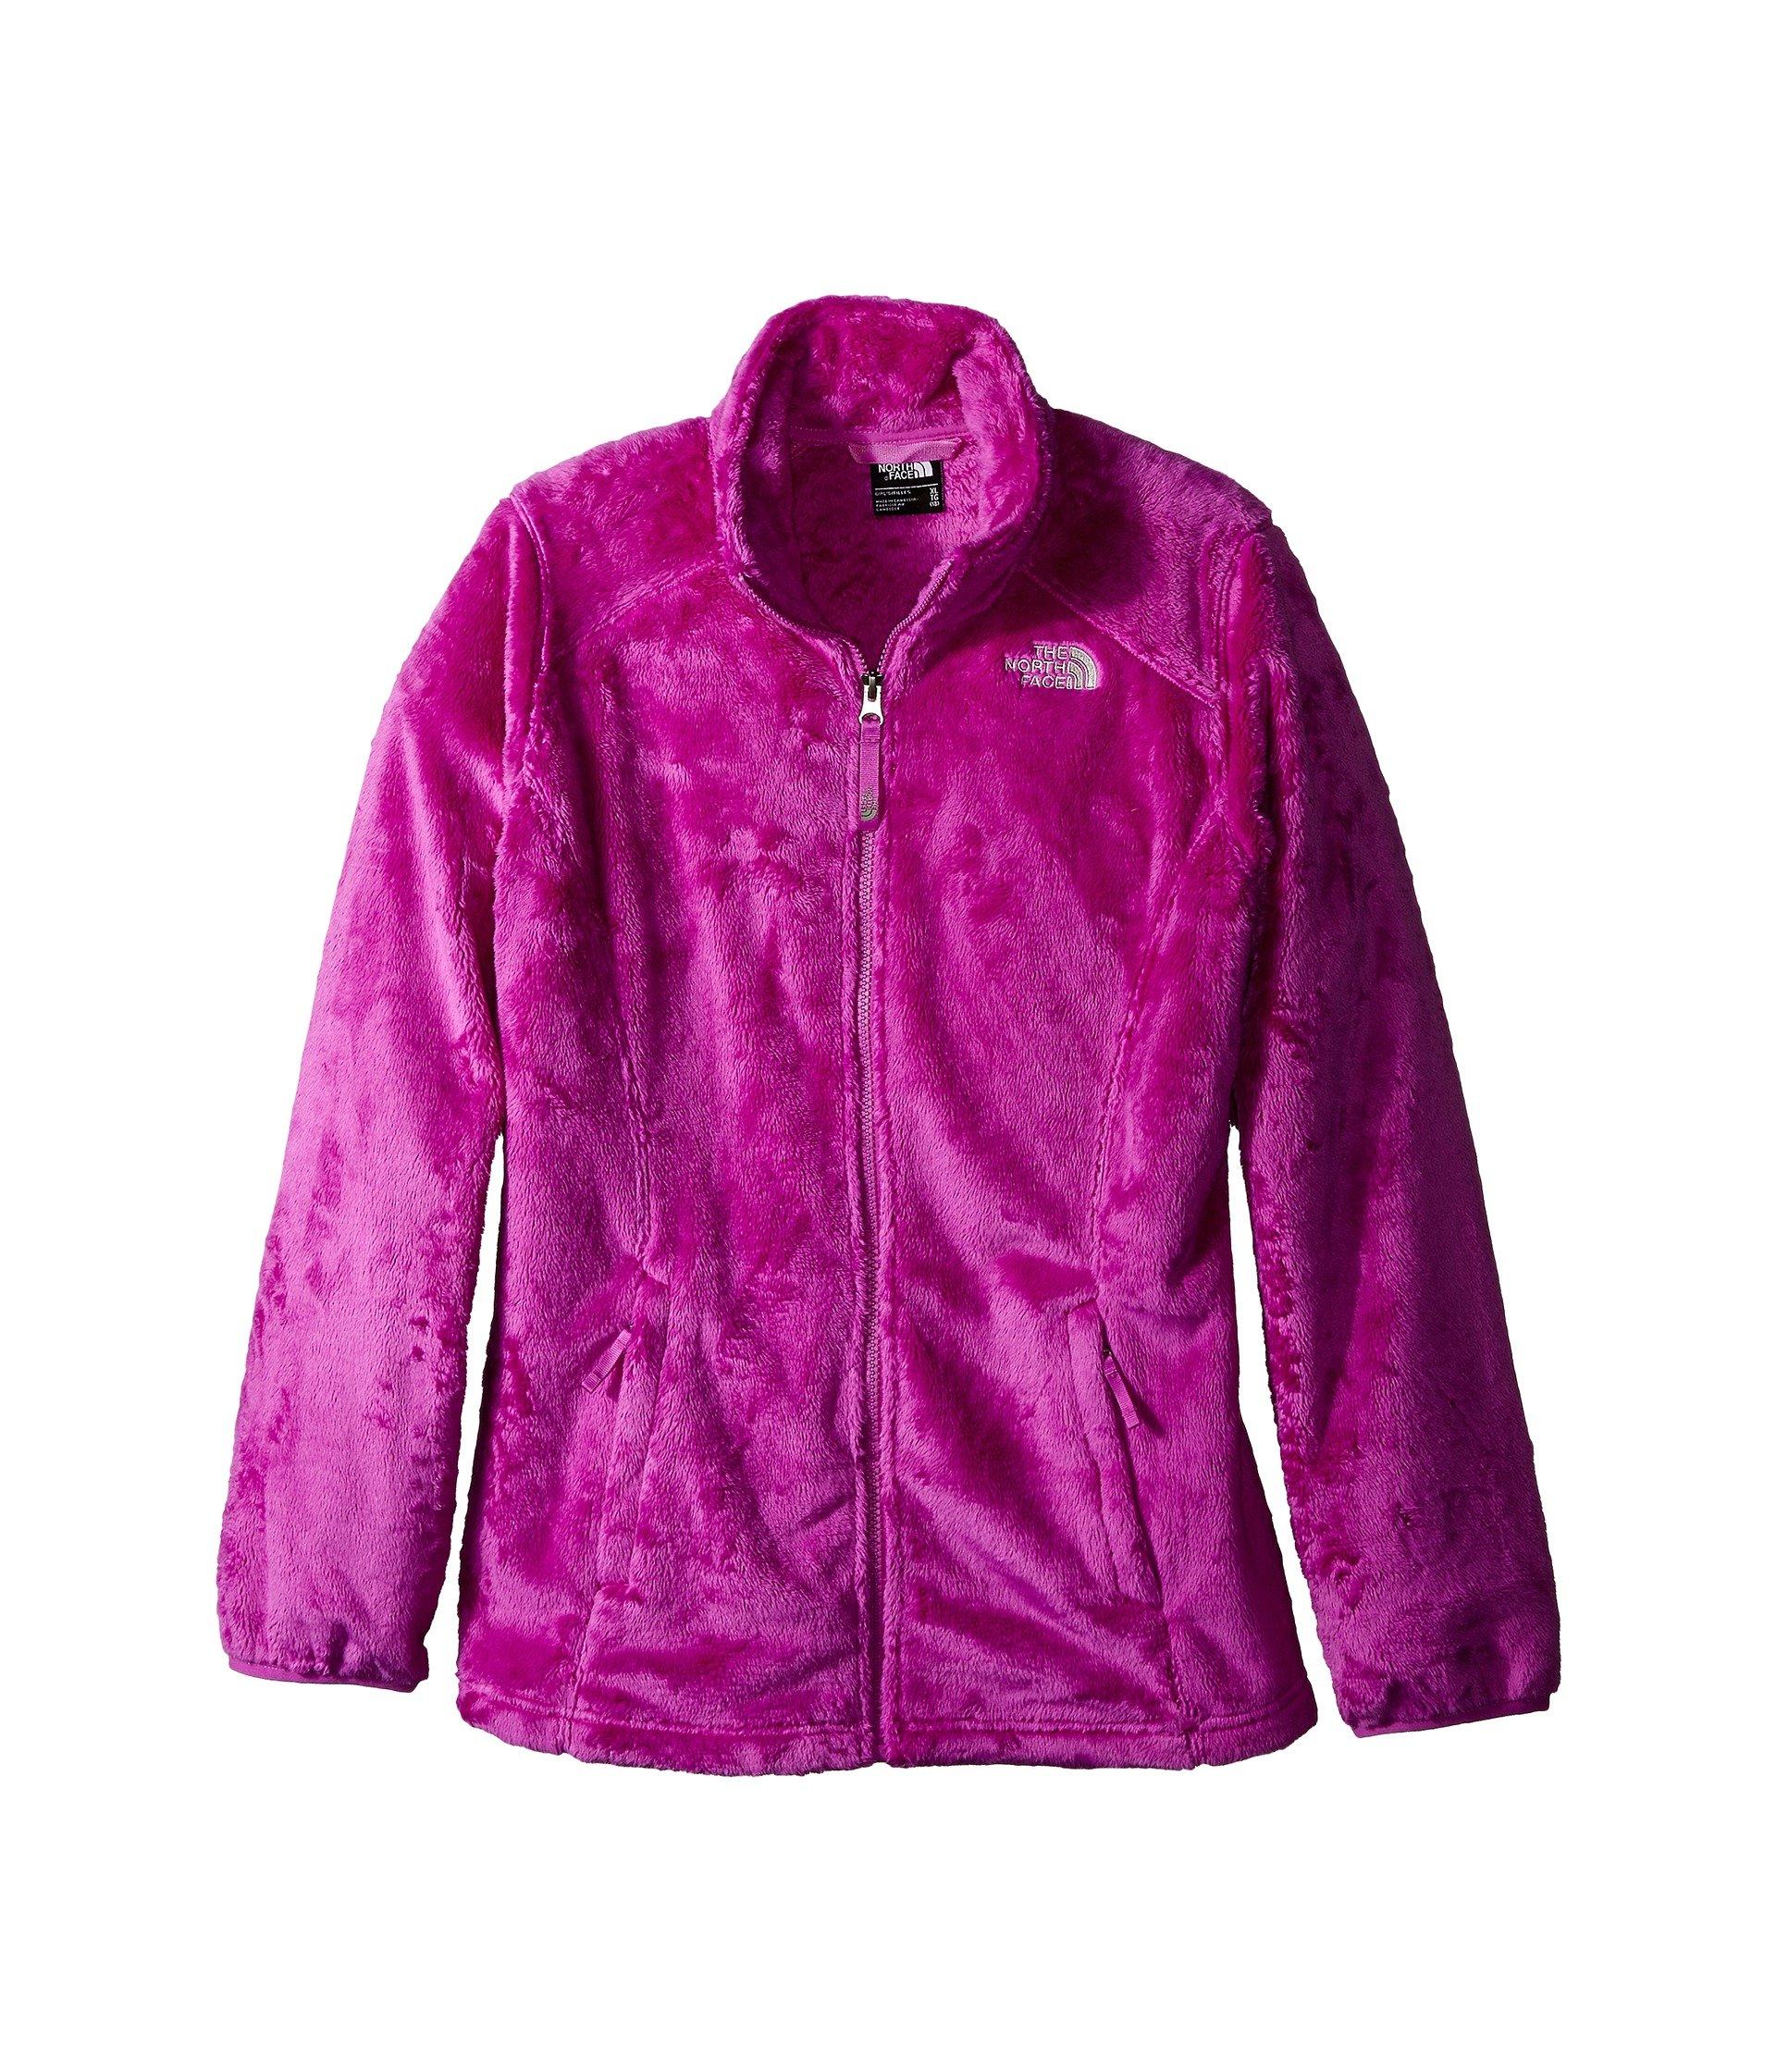 The North Face Kids Girl's Osolita Jacket (Little Kids/Big Kids) Sweet Violet LG (14-16 Big Kids)